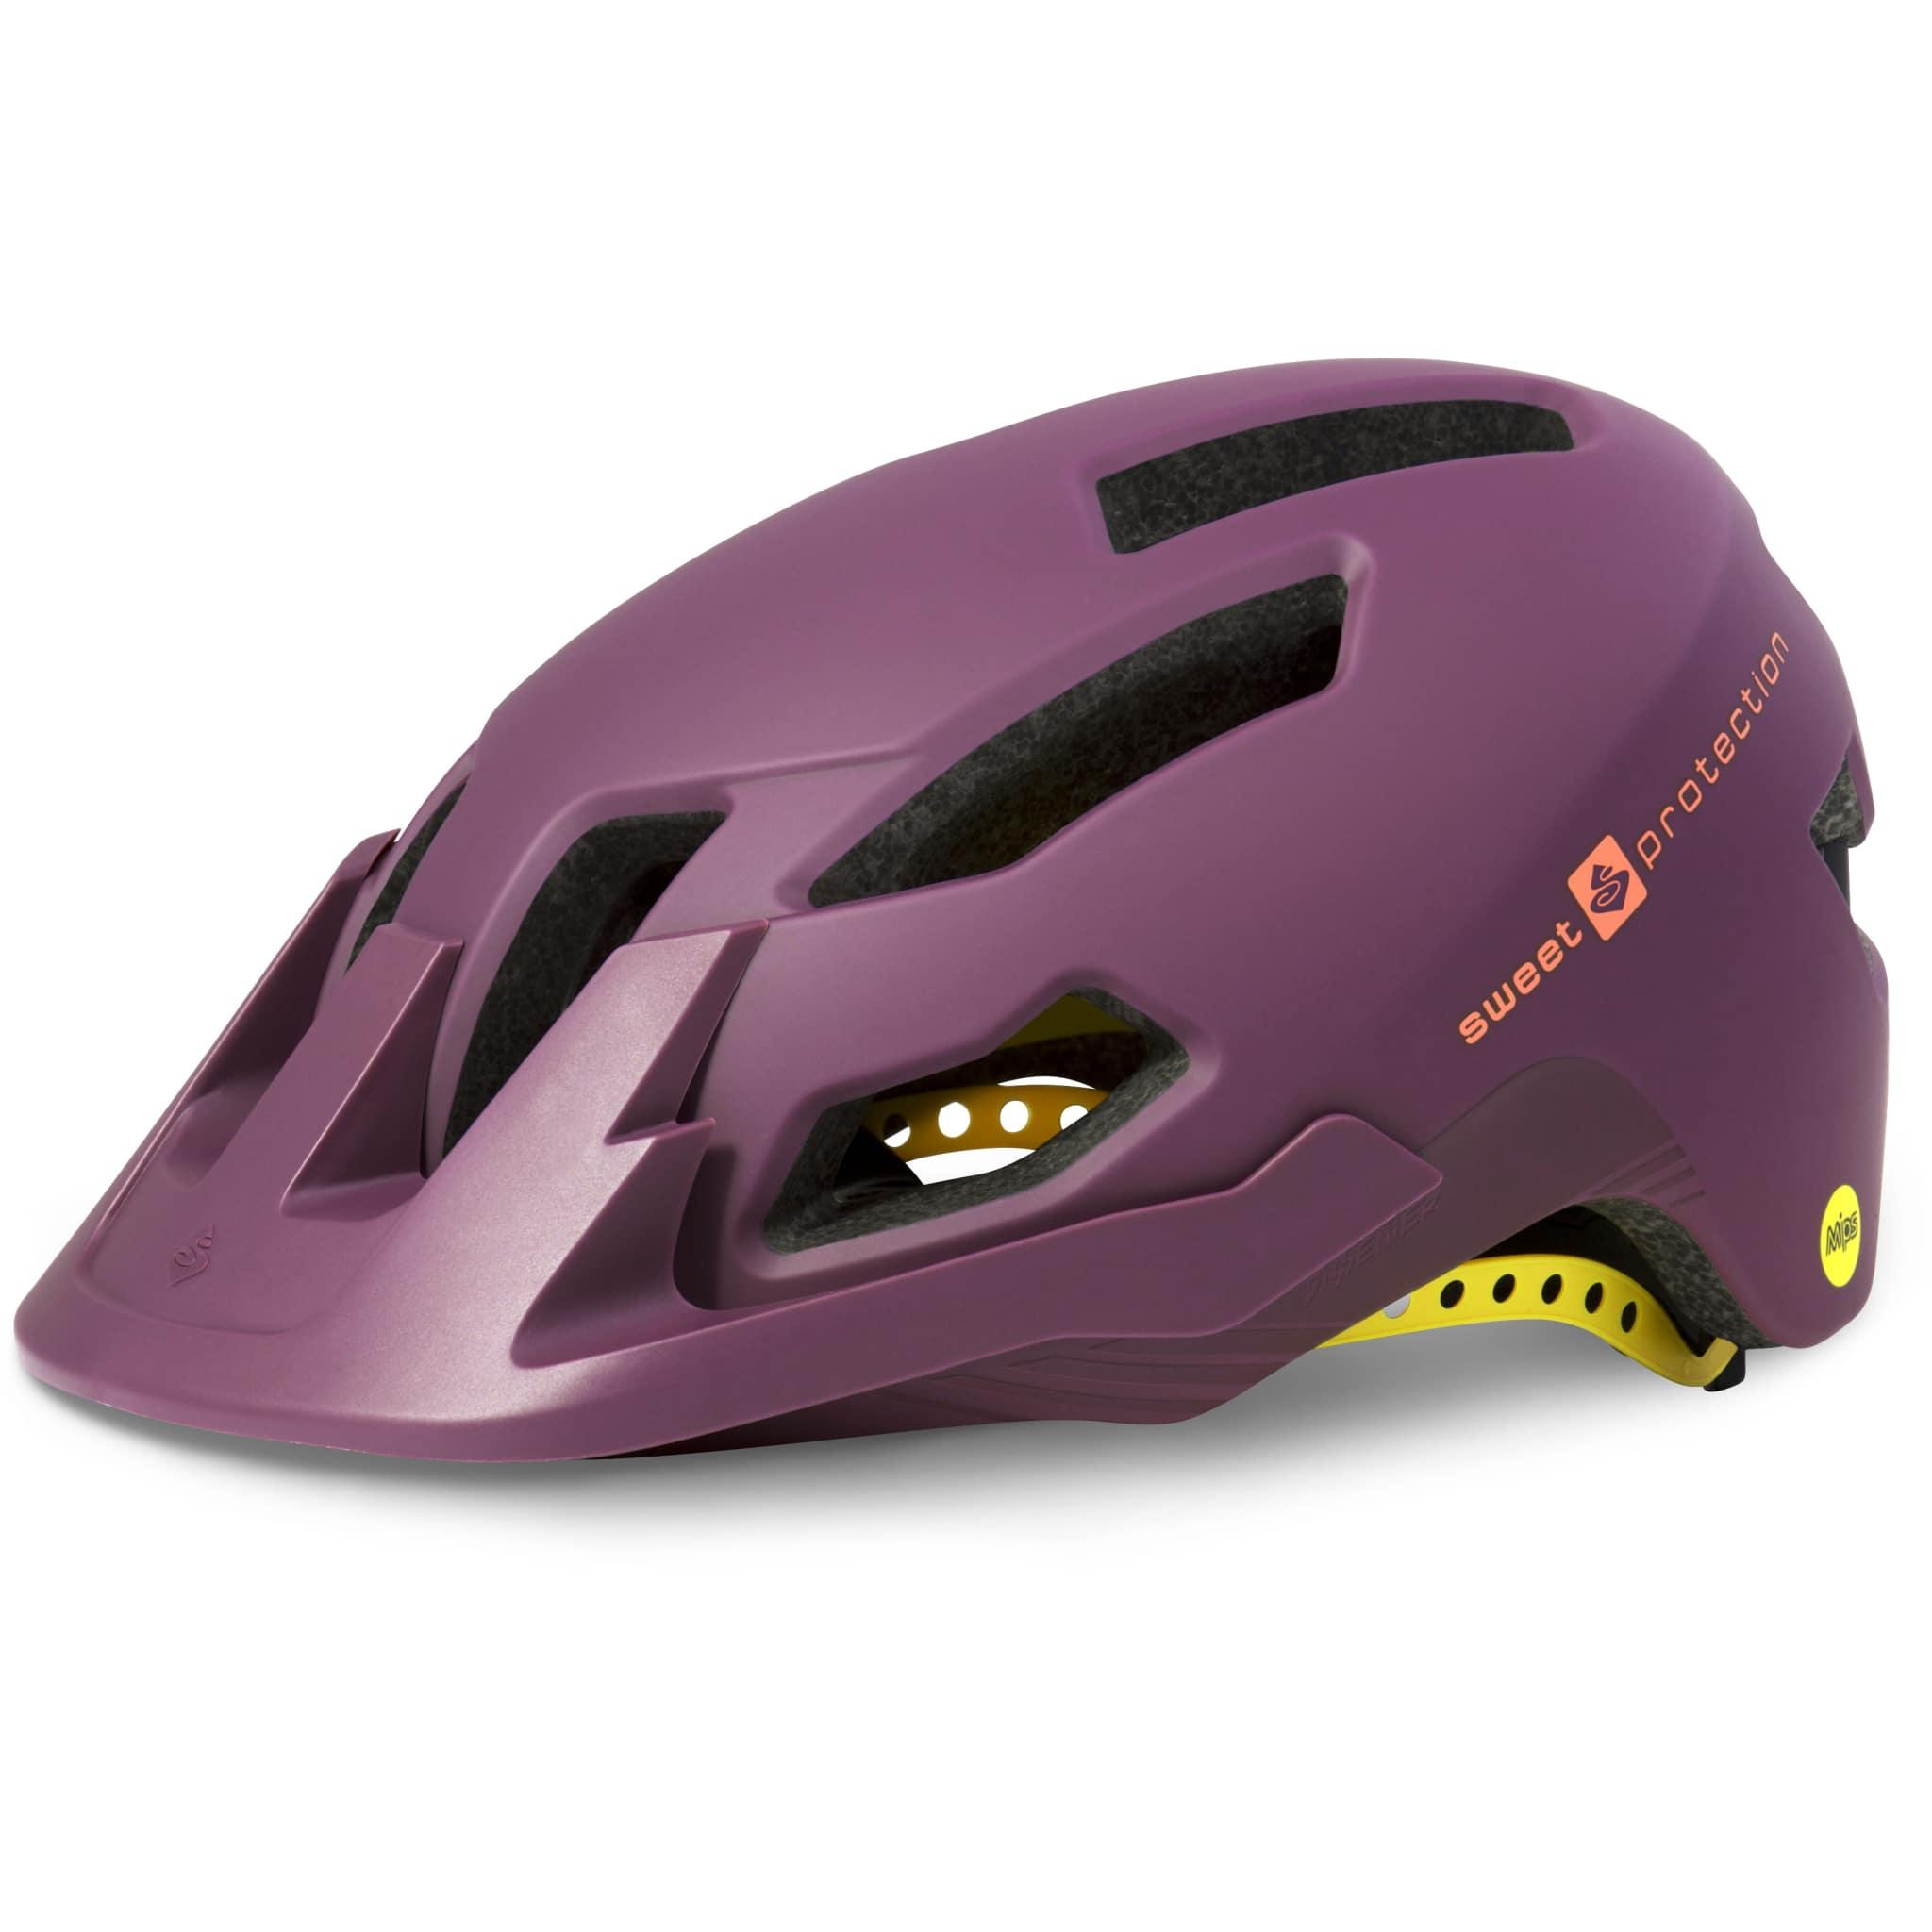 Dissenter MIPS Helmet W